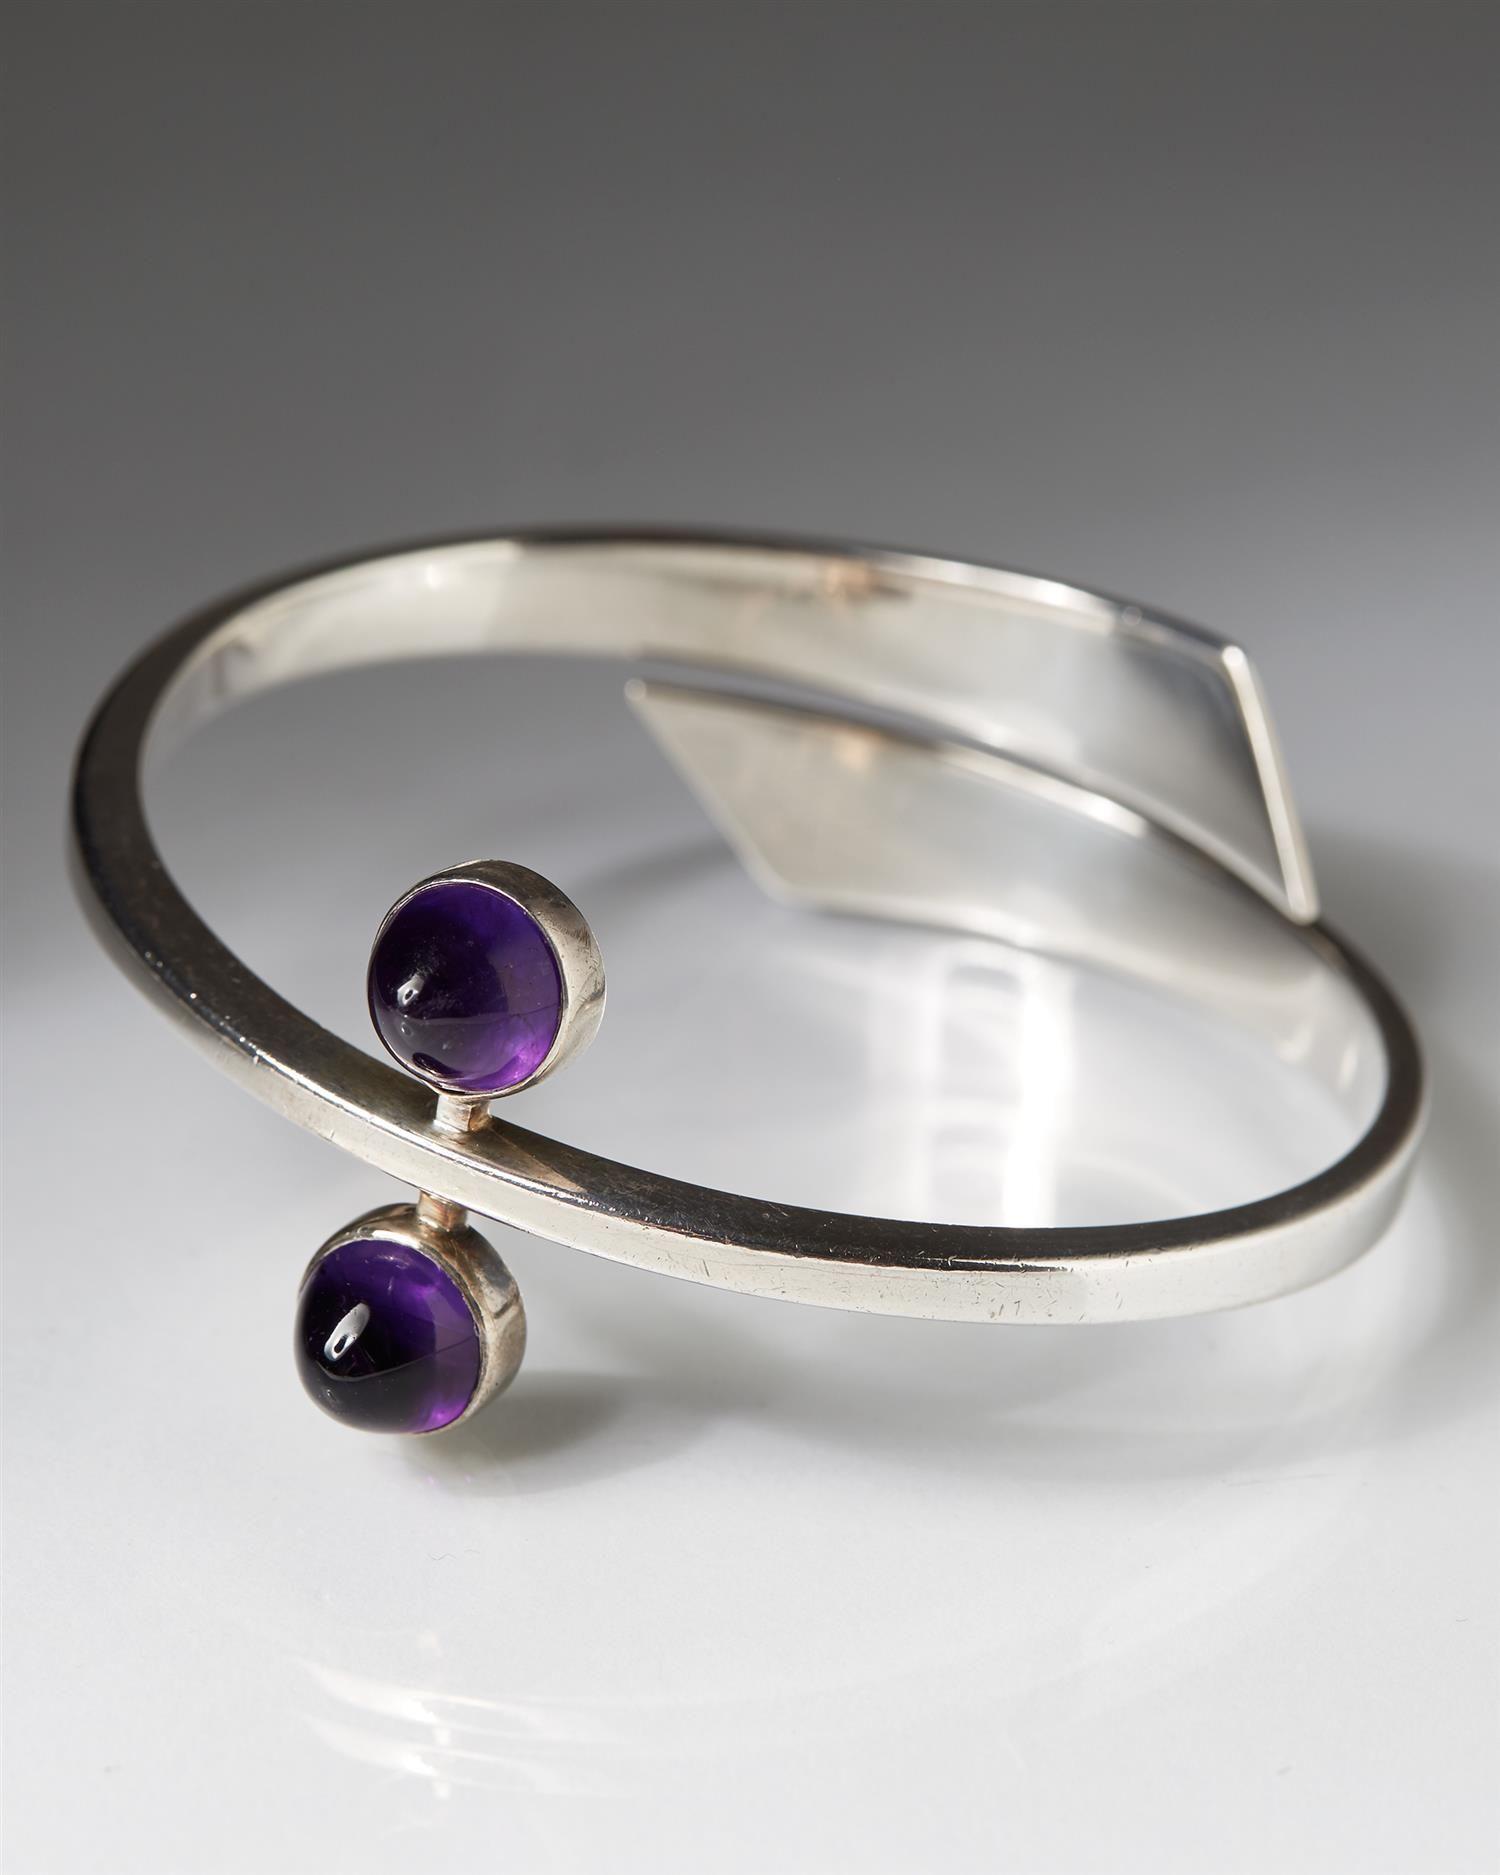 Bracelet designed by hans hansen denmark us sterling silver